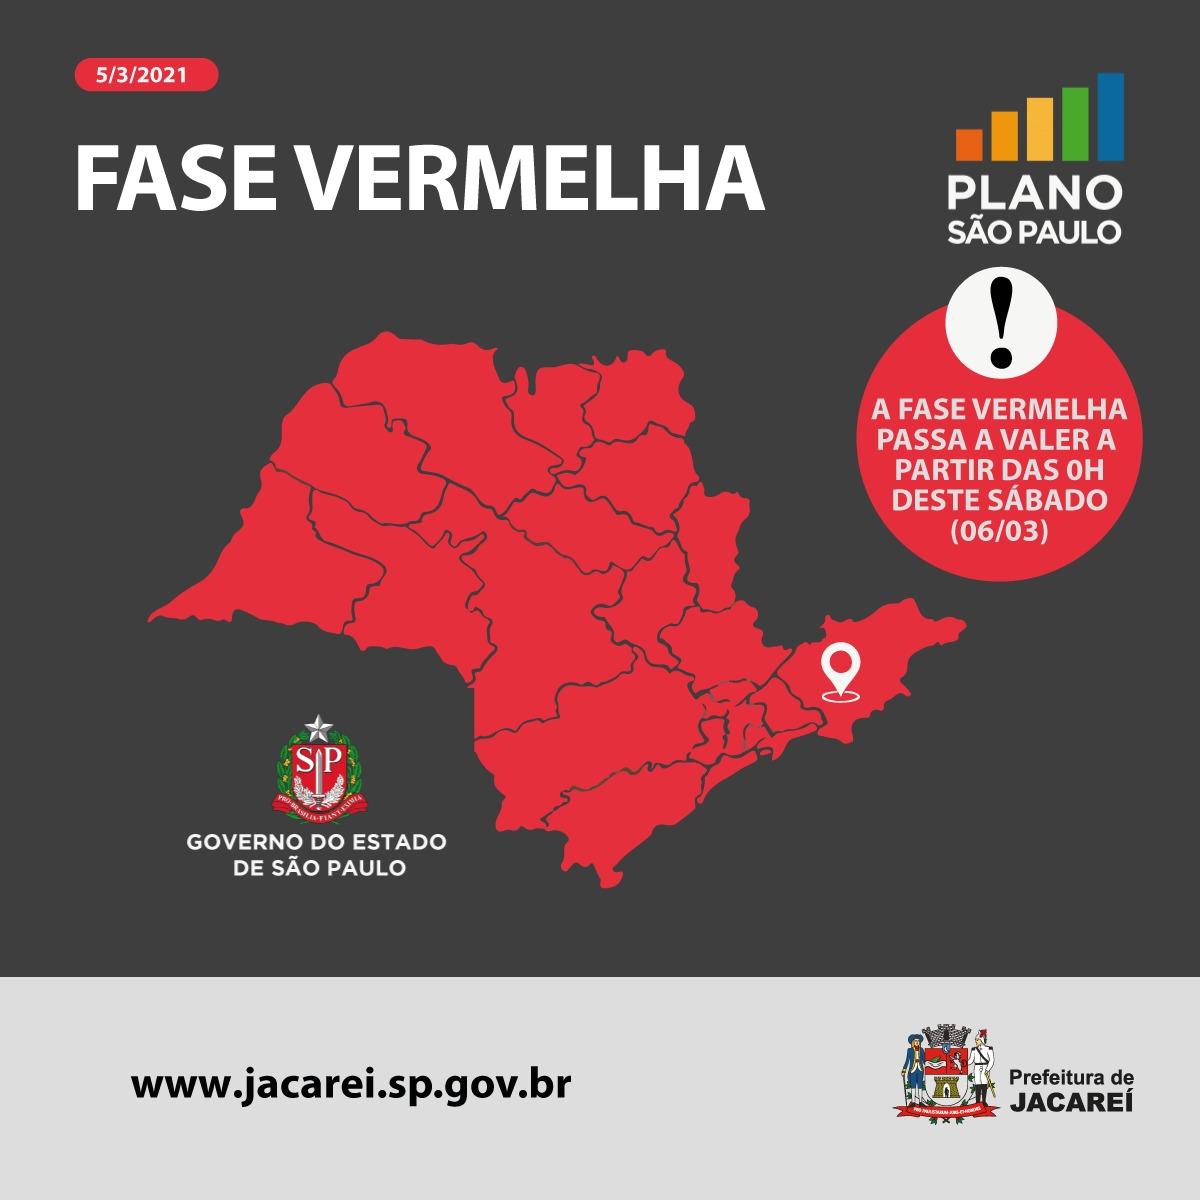 Confira o Decreto de Jacareí relacionado à Fase Vermelha que passa a valer a partir deste sábado em todo Estado de São Paulo